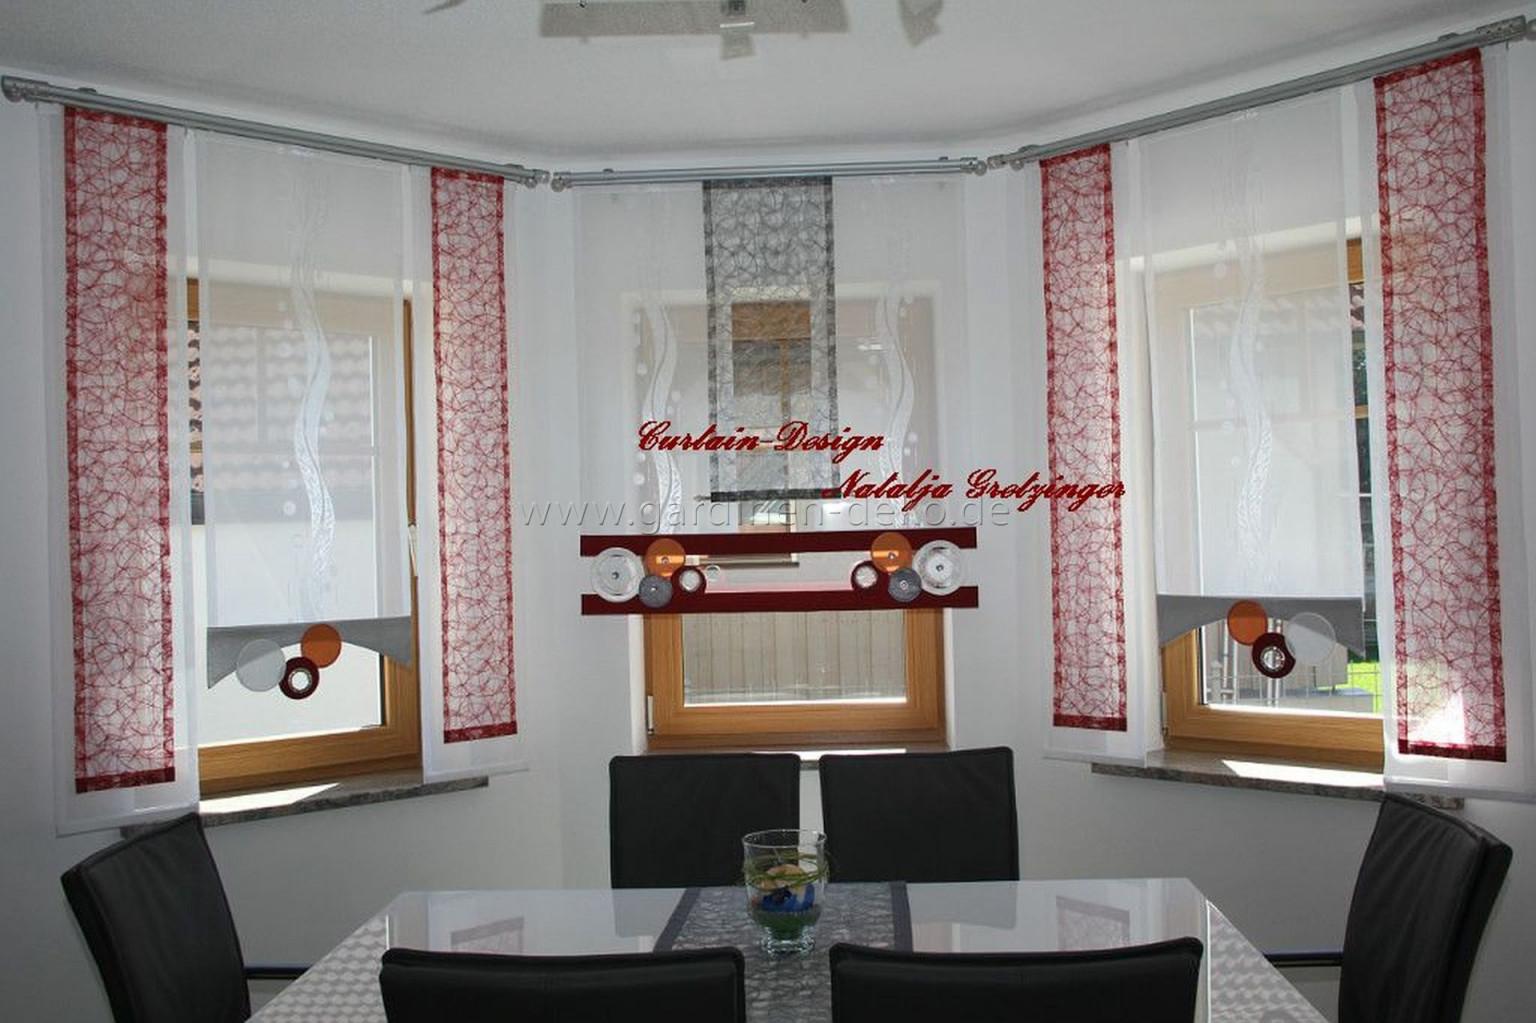 Esszimmer Schiebevorhänge In Eckform Mit Kreisbogen von Bogen Gardinen Wohnzimmer Bild